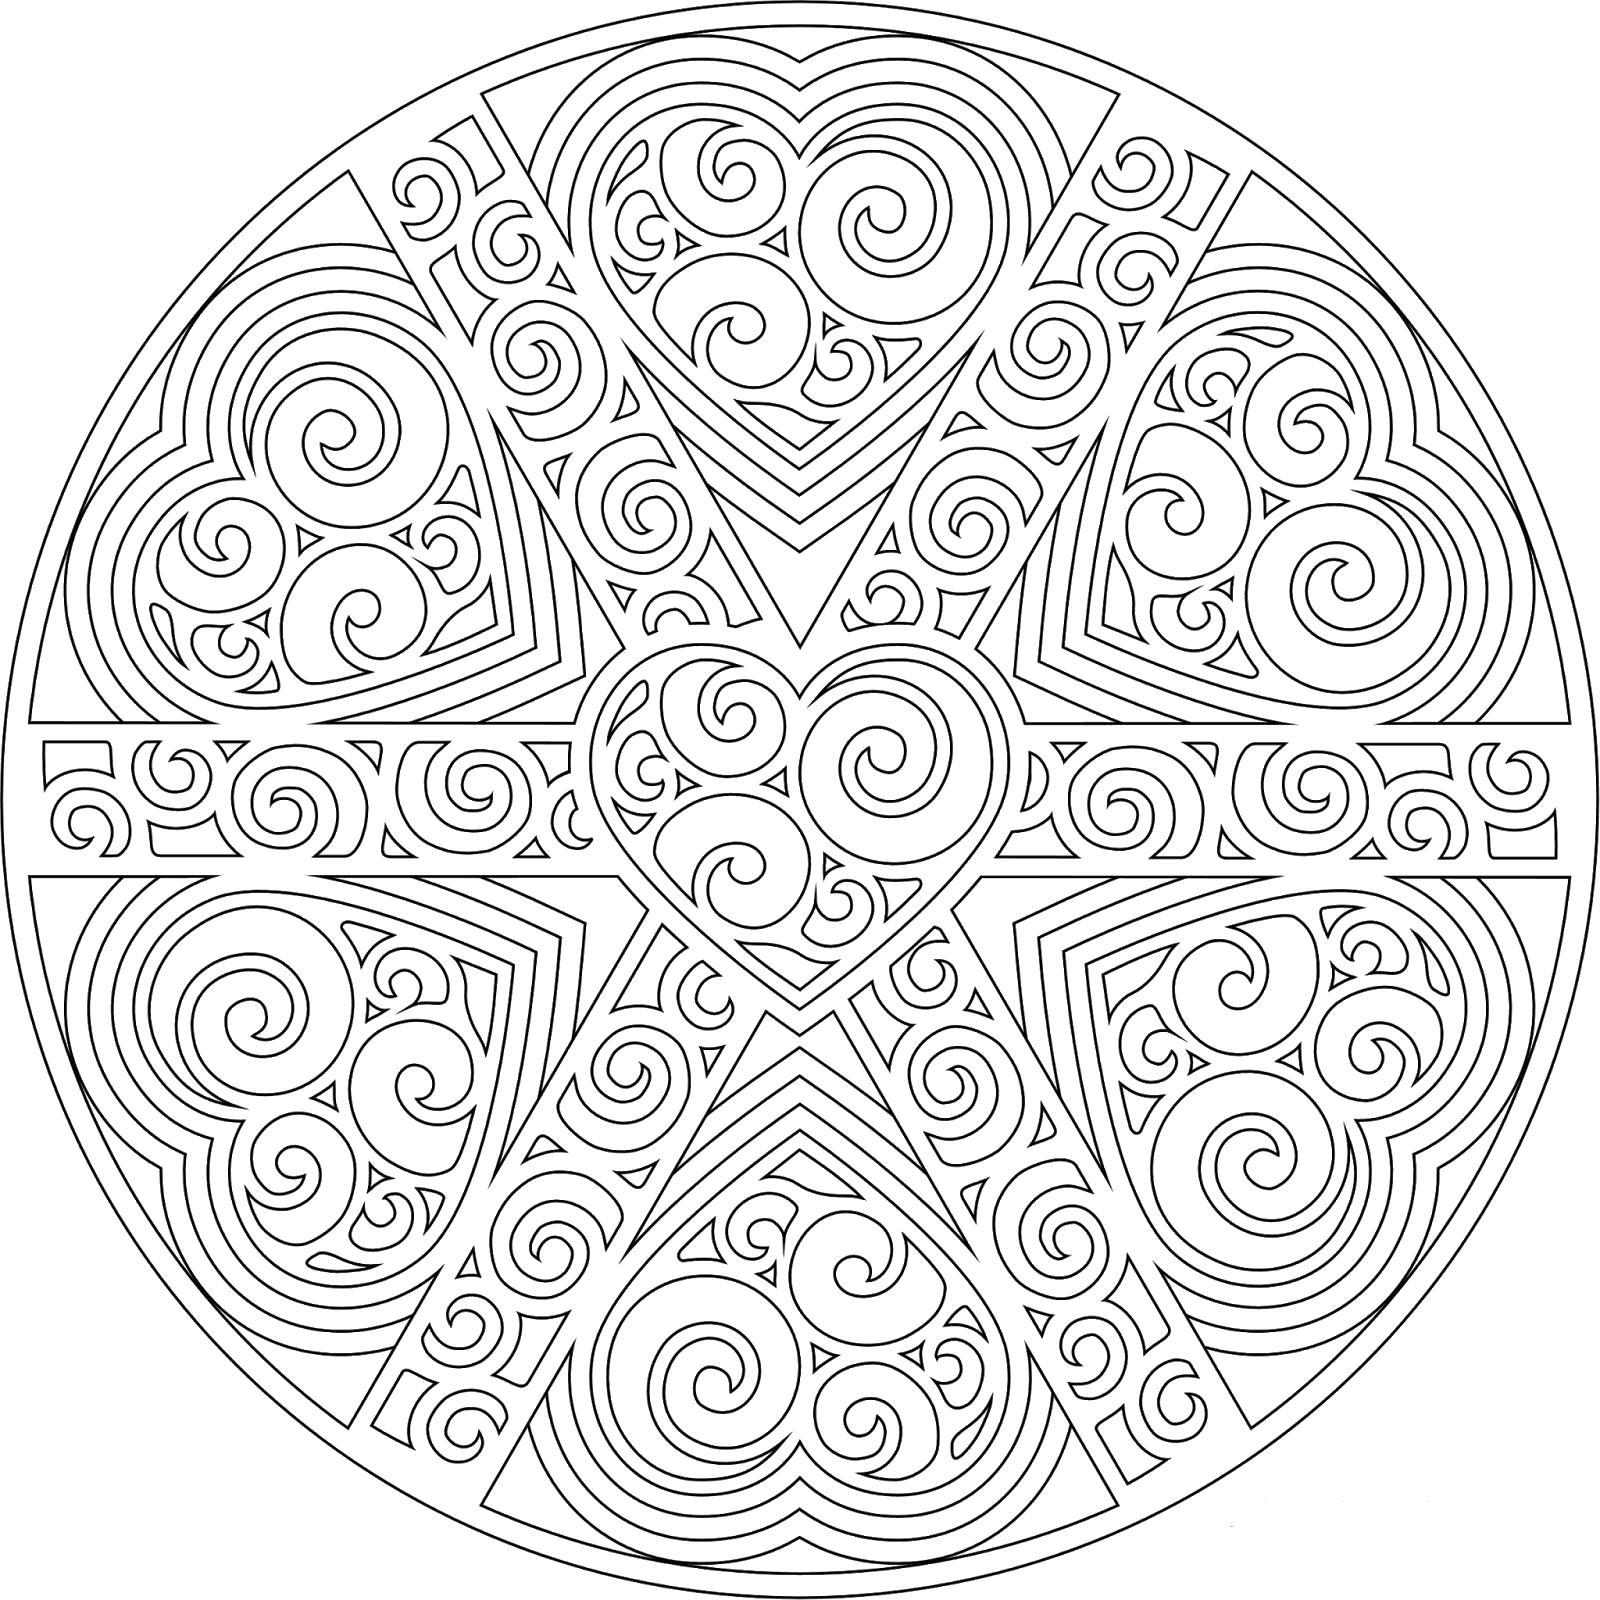 Раскраска Мандала узоры и сердца. Скачать узоры, цветы, круглые.  Распечатать антистресс